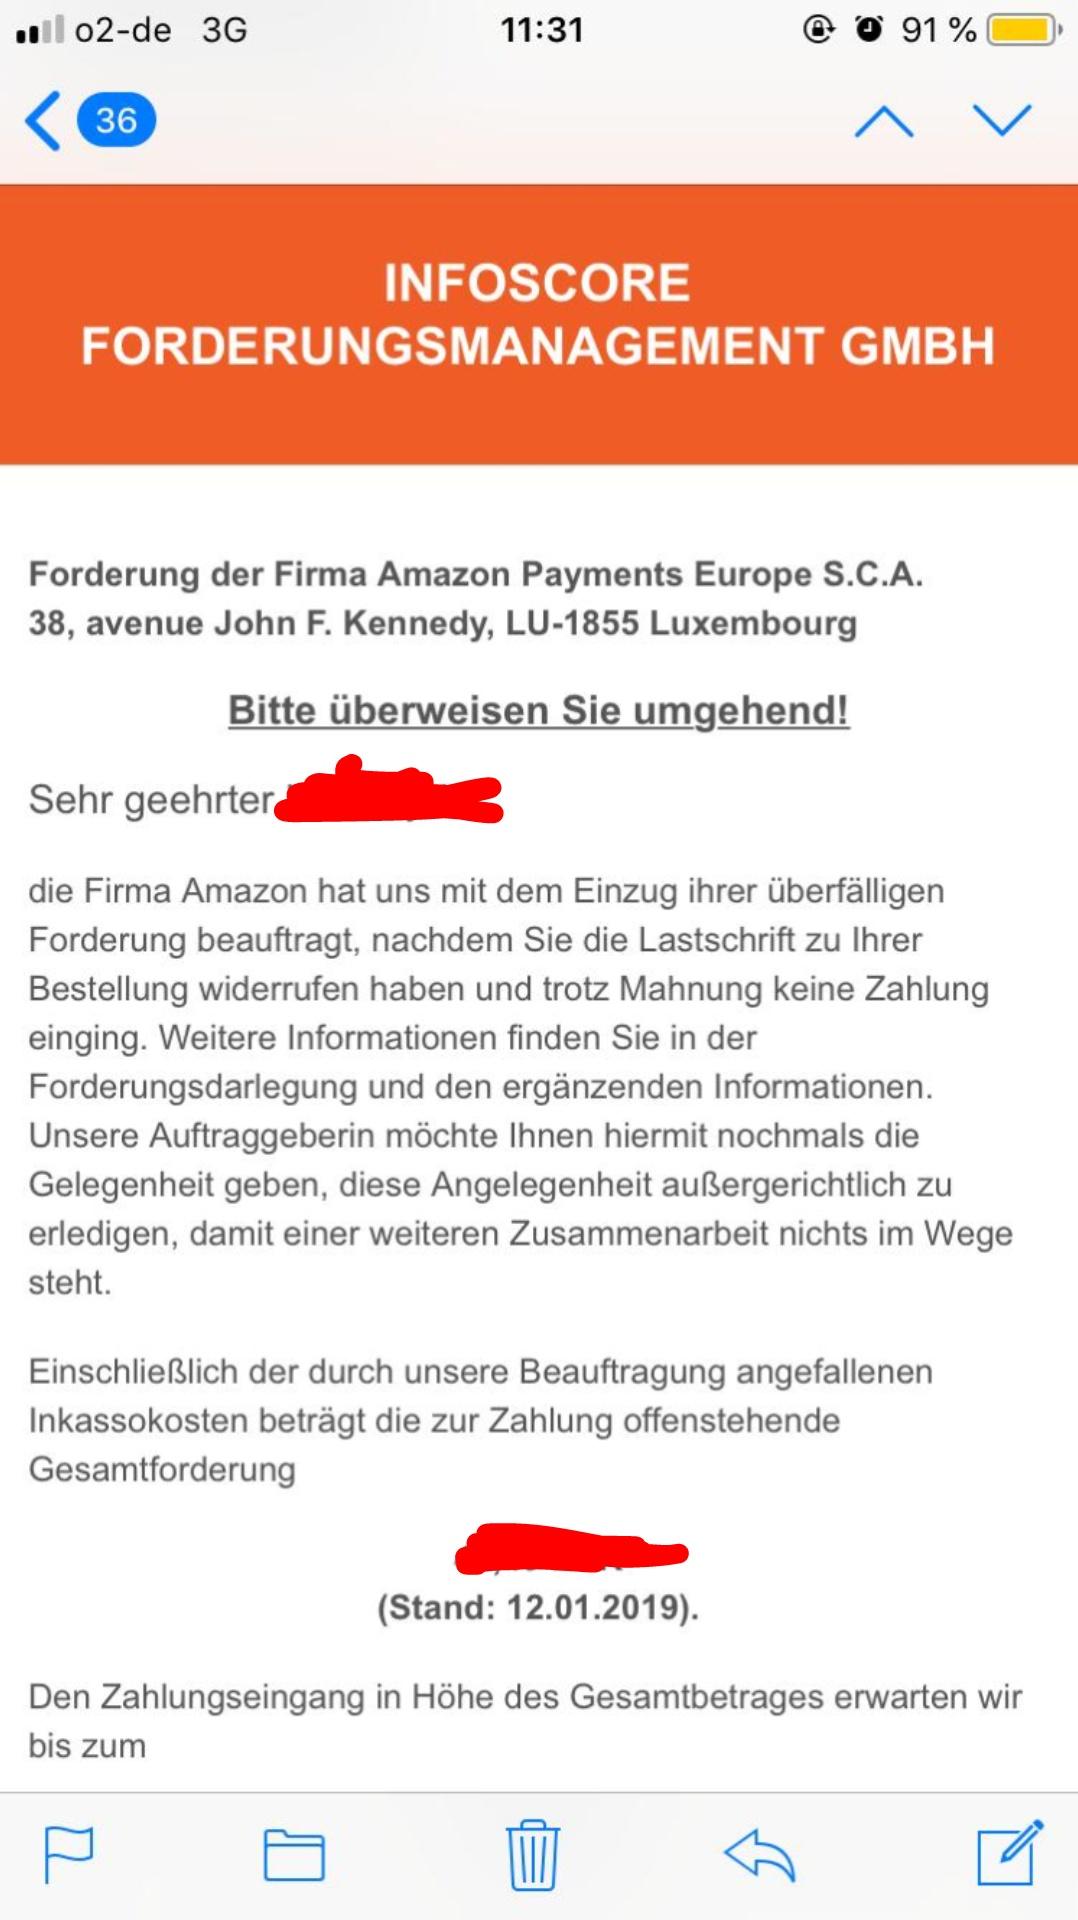 Amazone Schufa Eintrag Eure Meinung Zu Inkasso Email Schufaeintrag